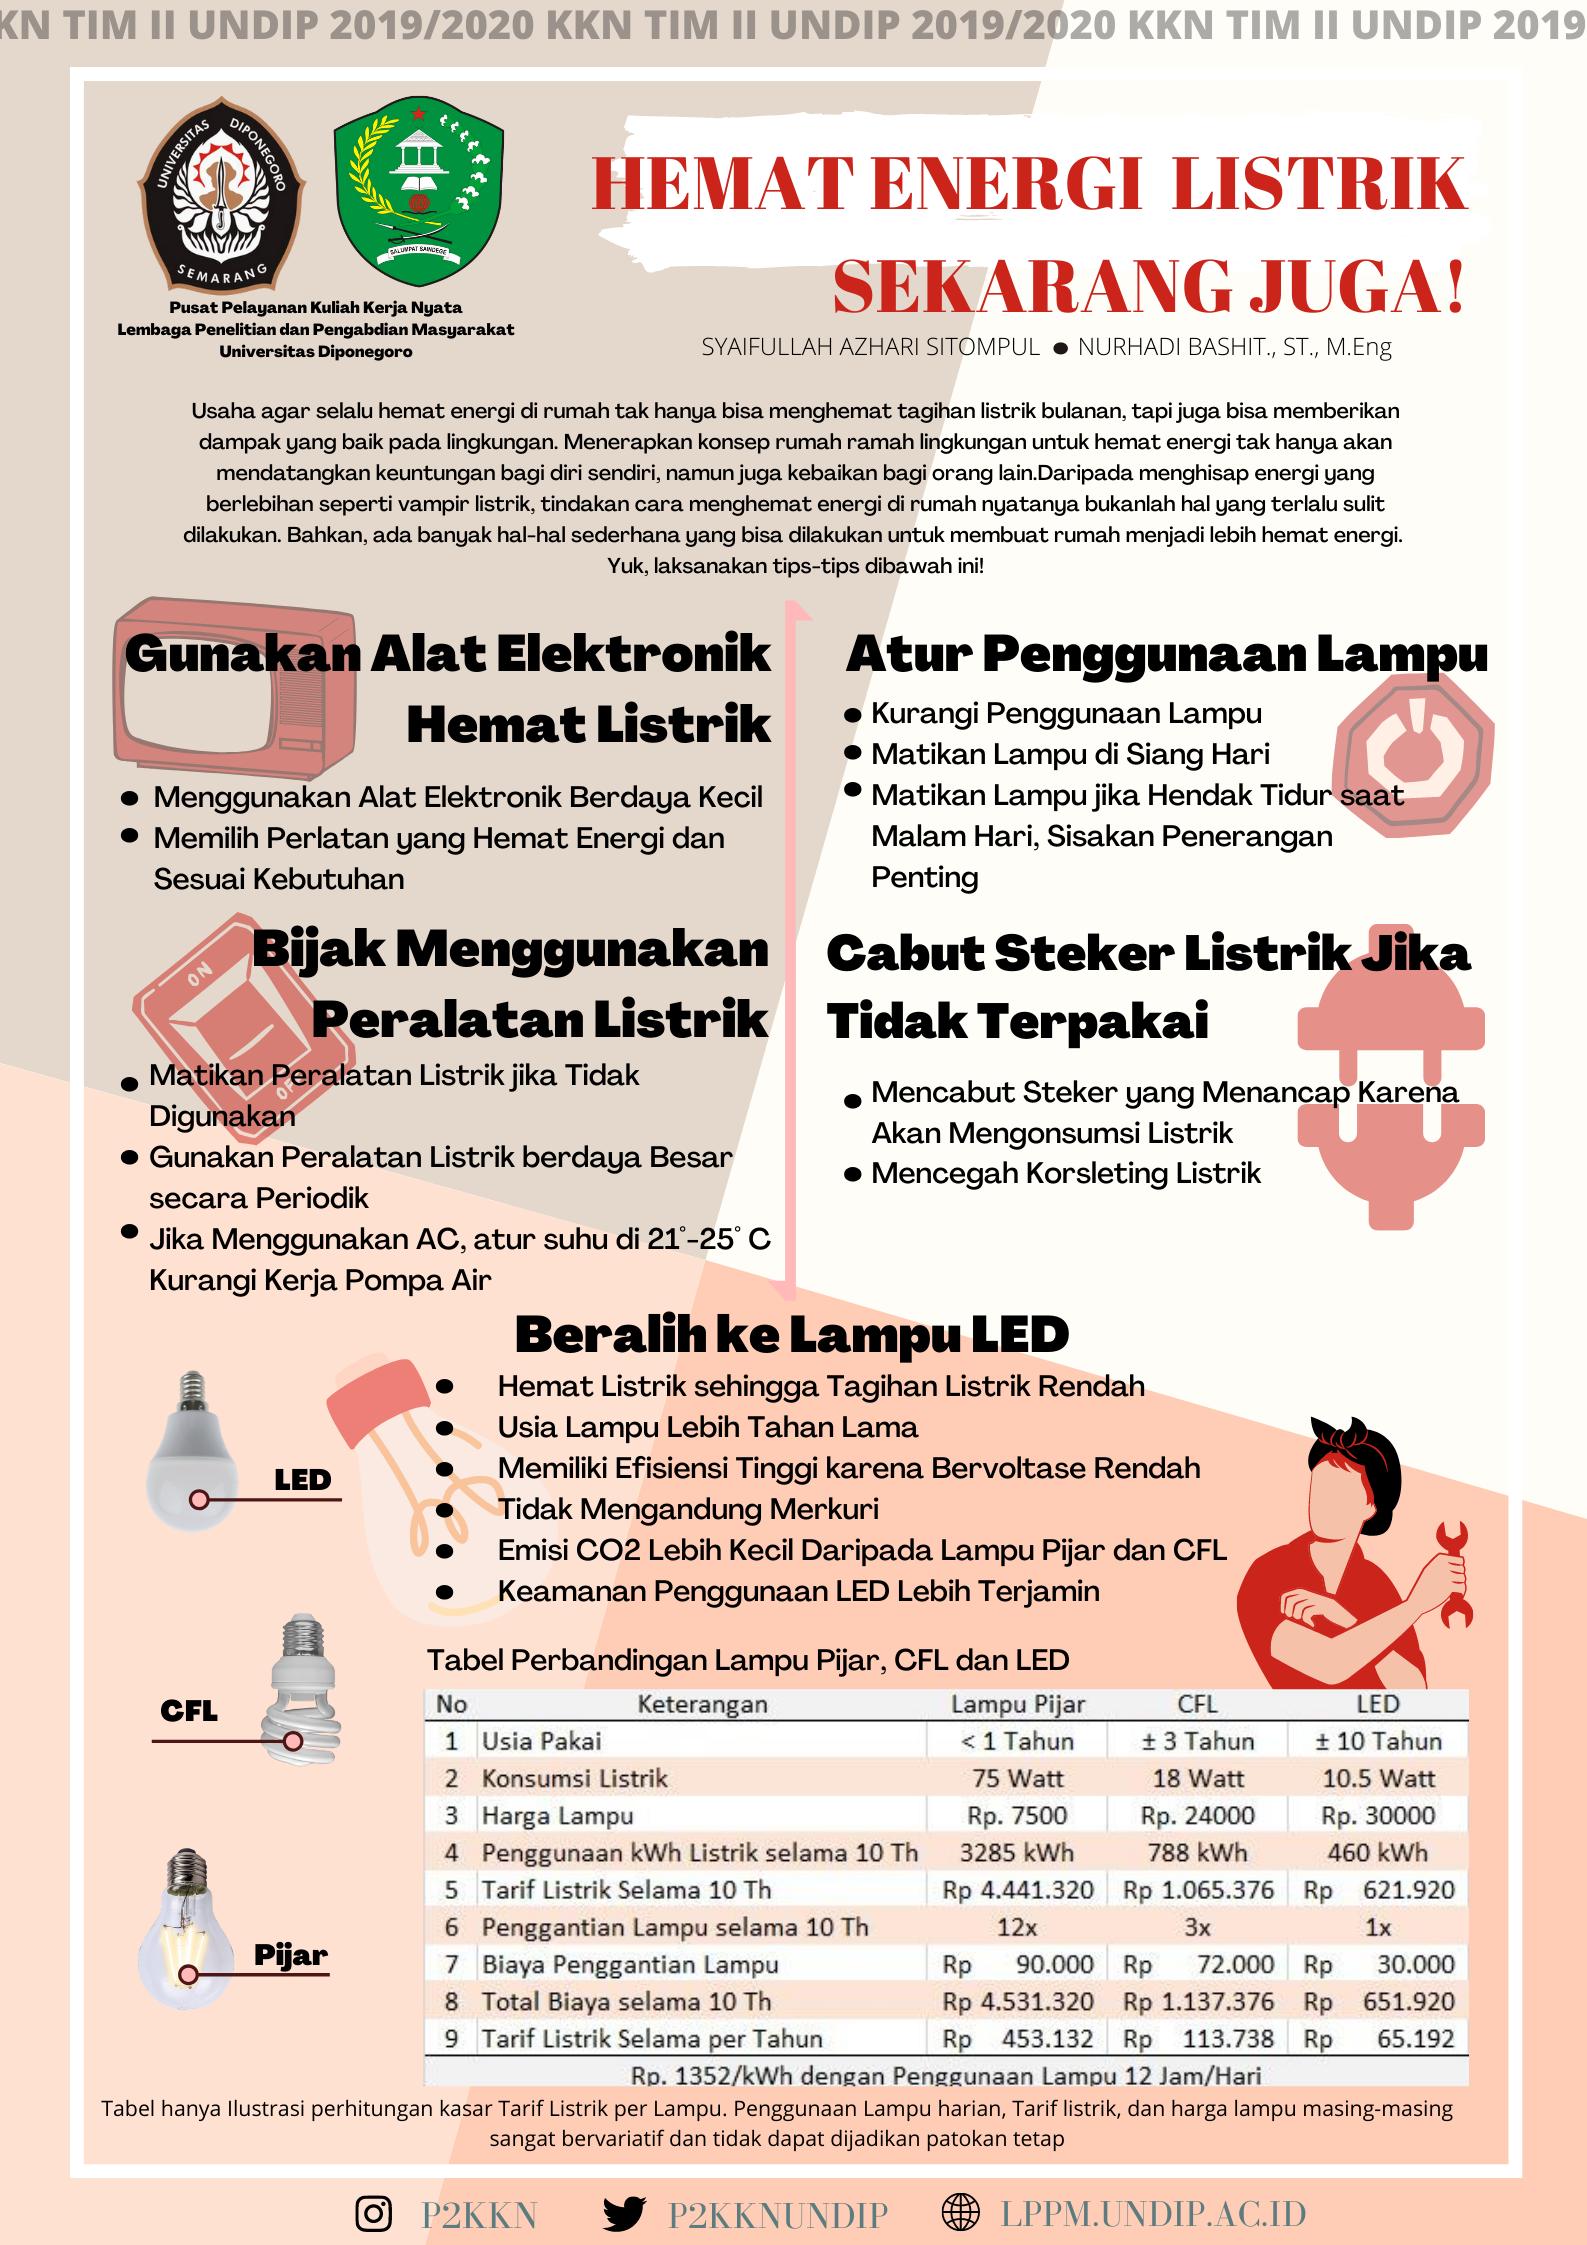 Hemat Energi Listrik Solusi Mengurangi Pengeluaran Kkn Universitas Diponegoro